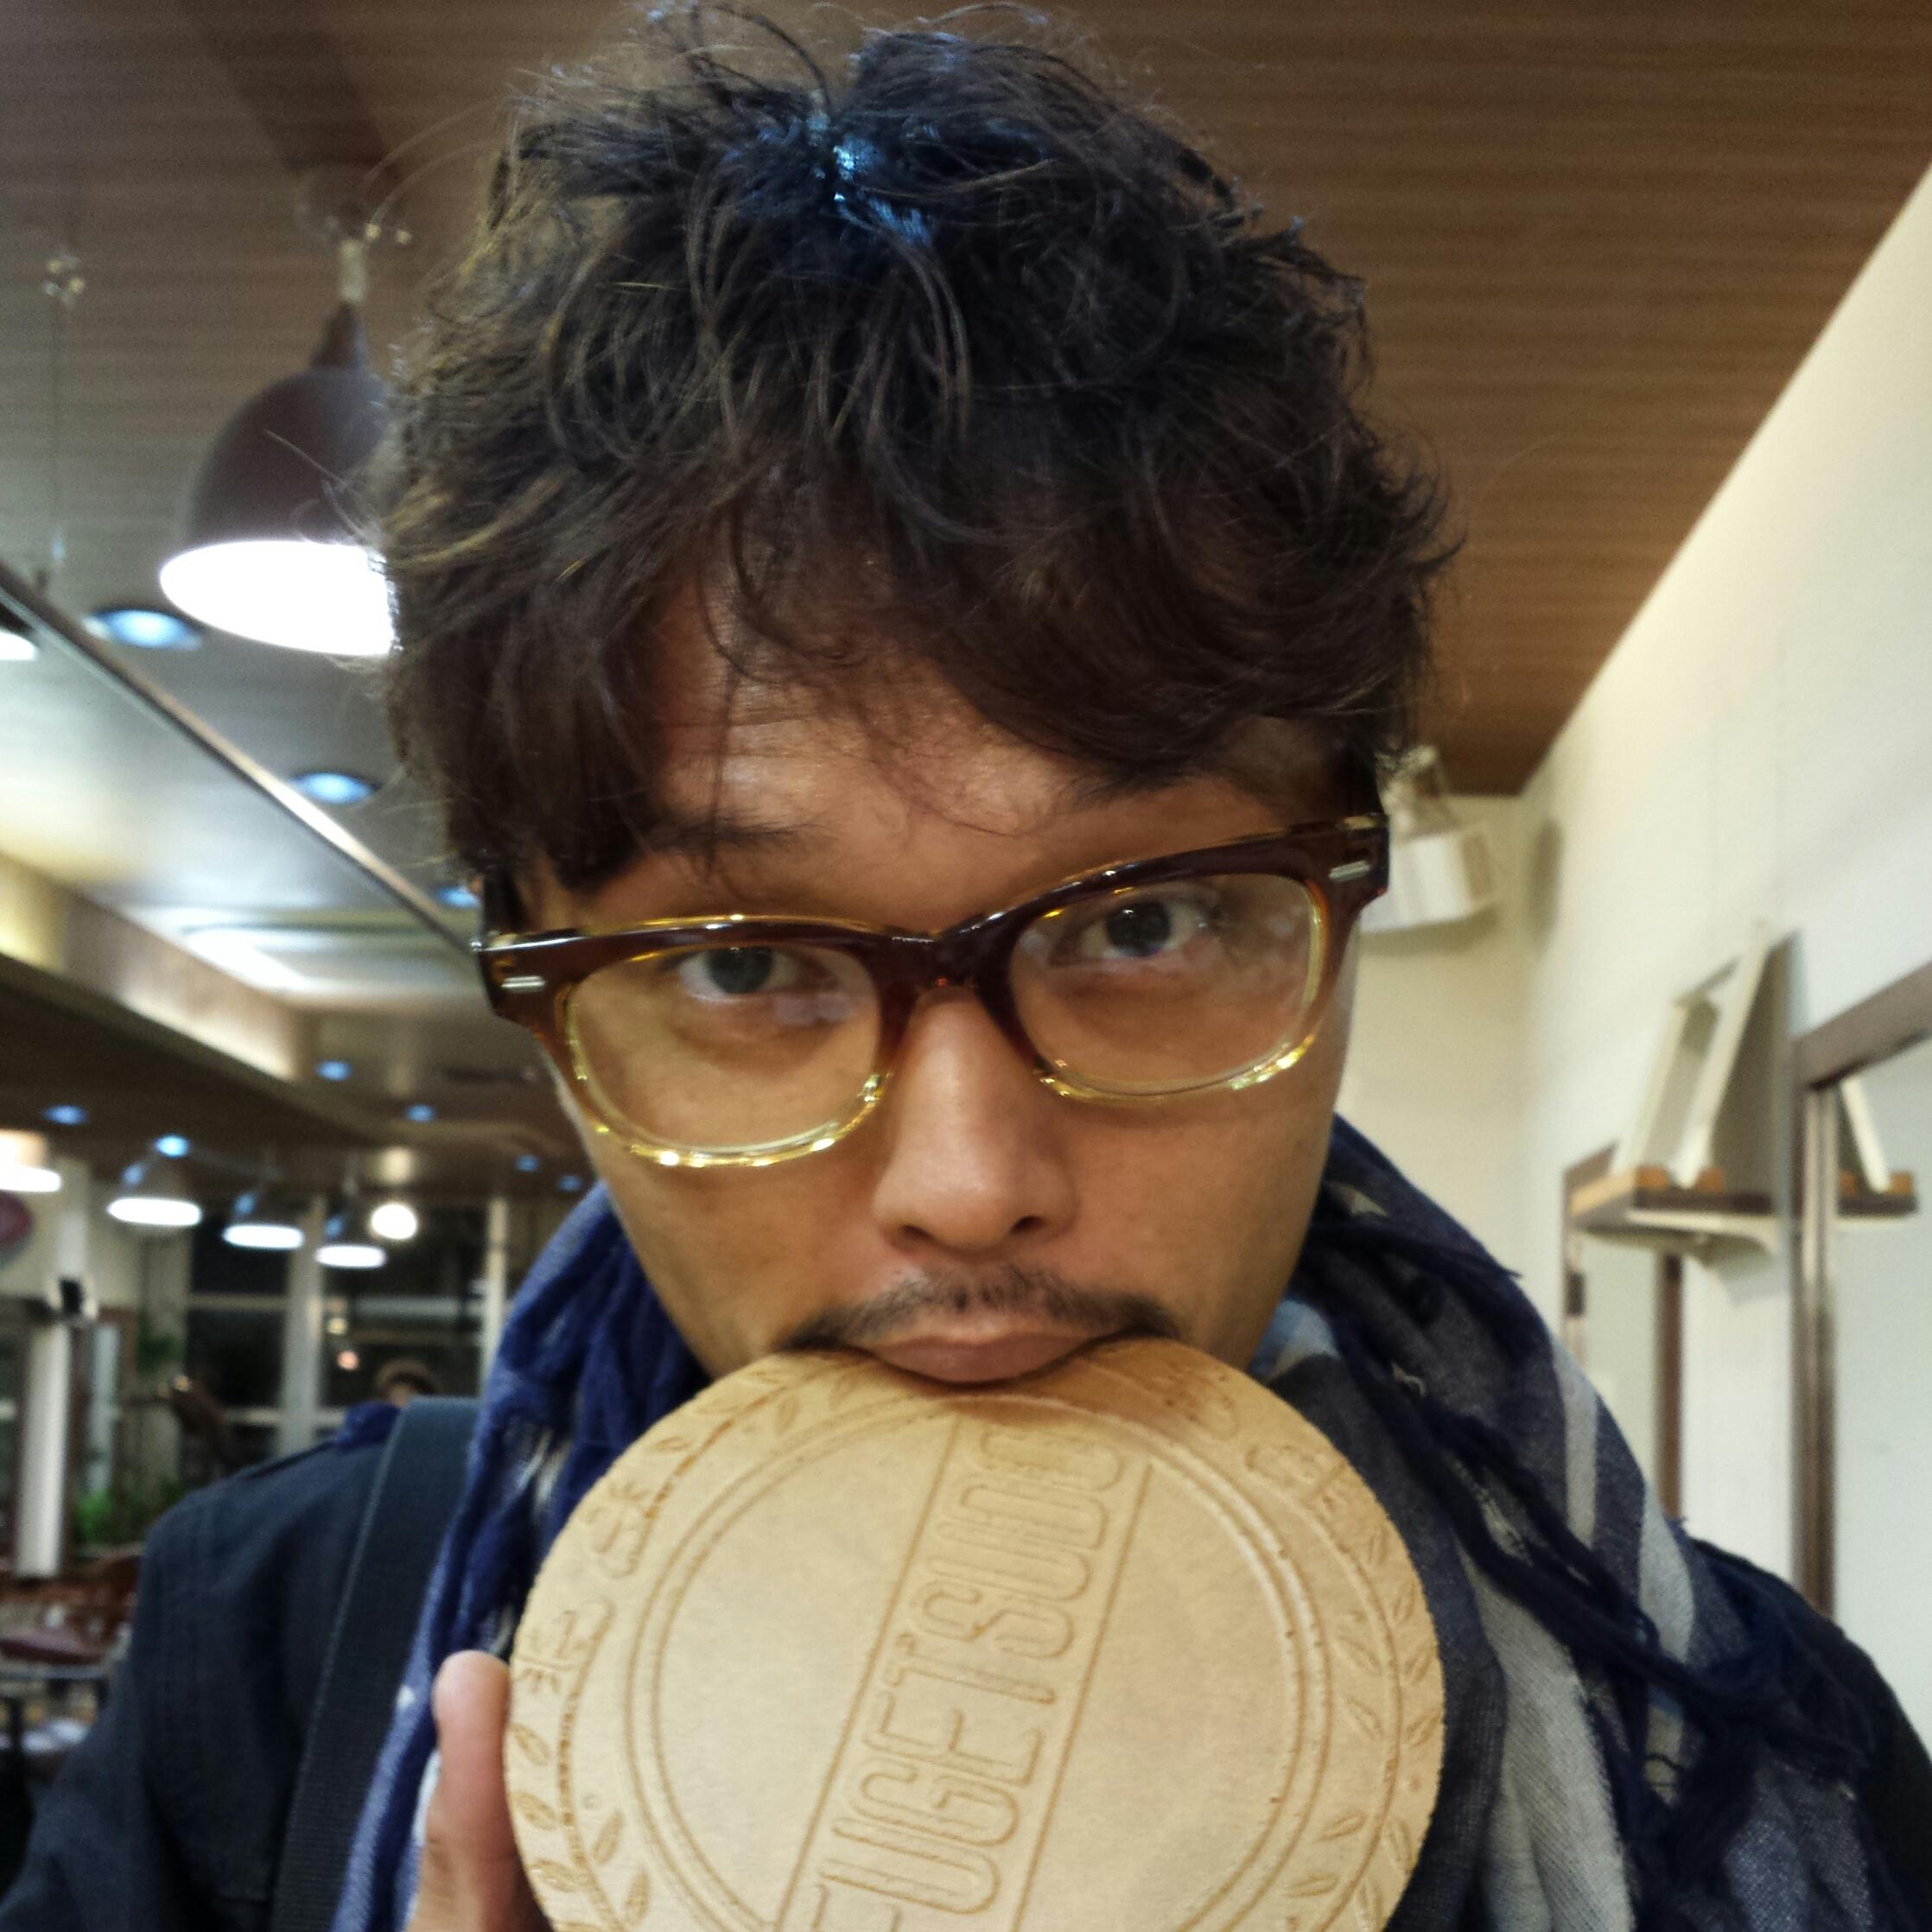 Hiroyuki Ihara